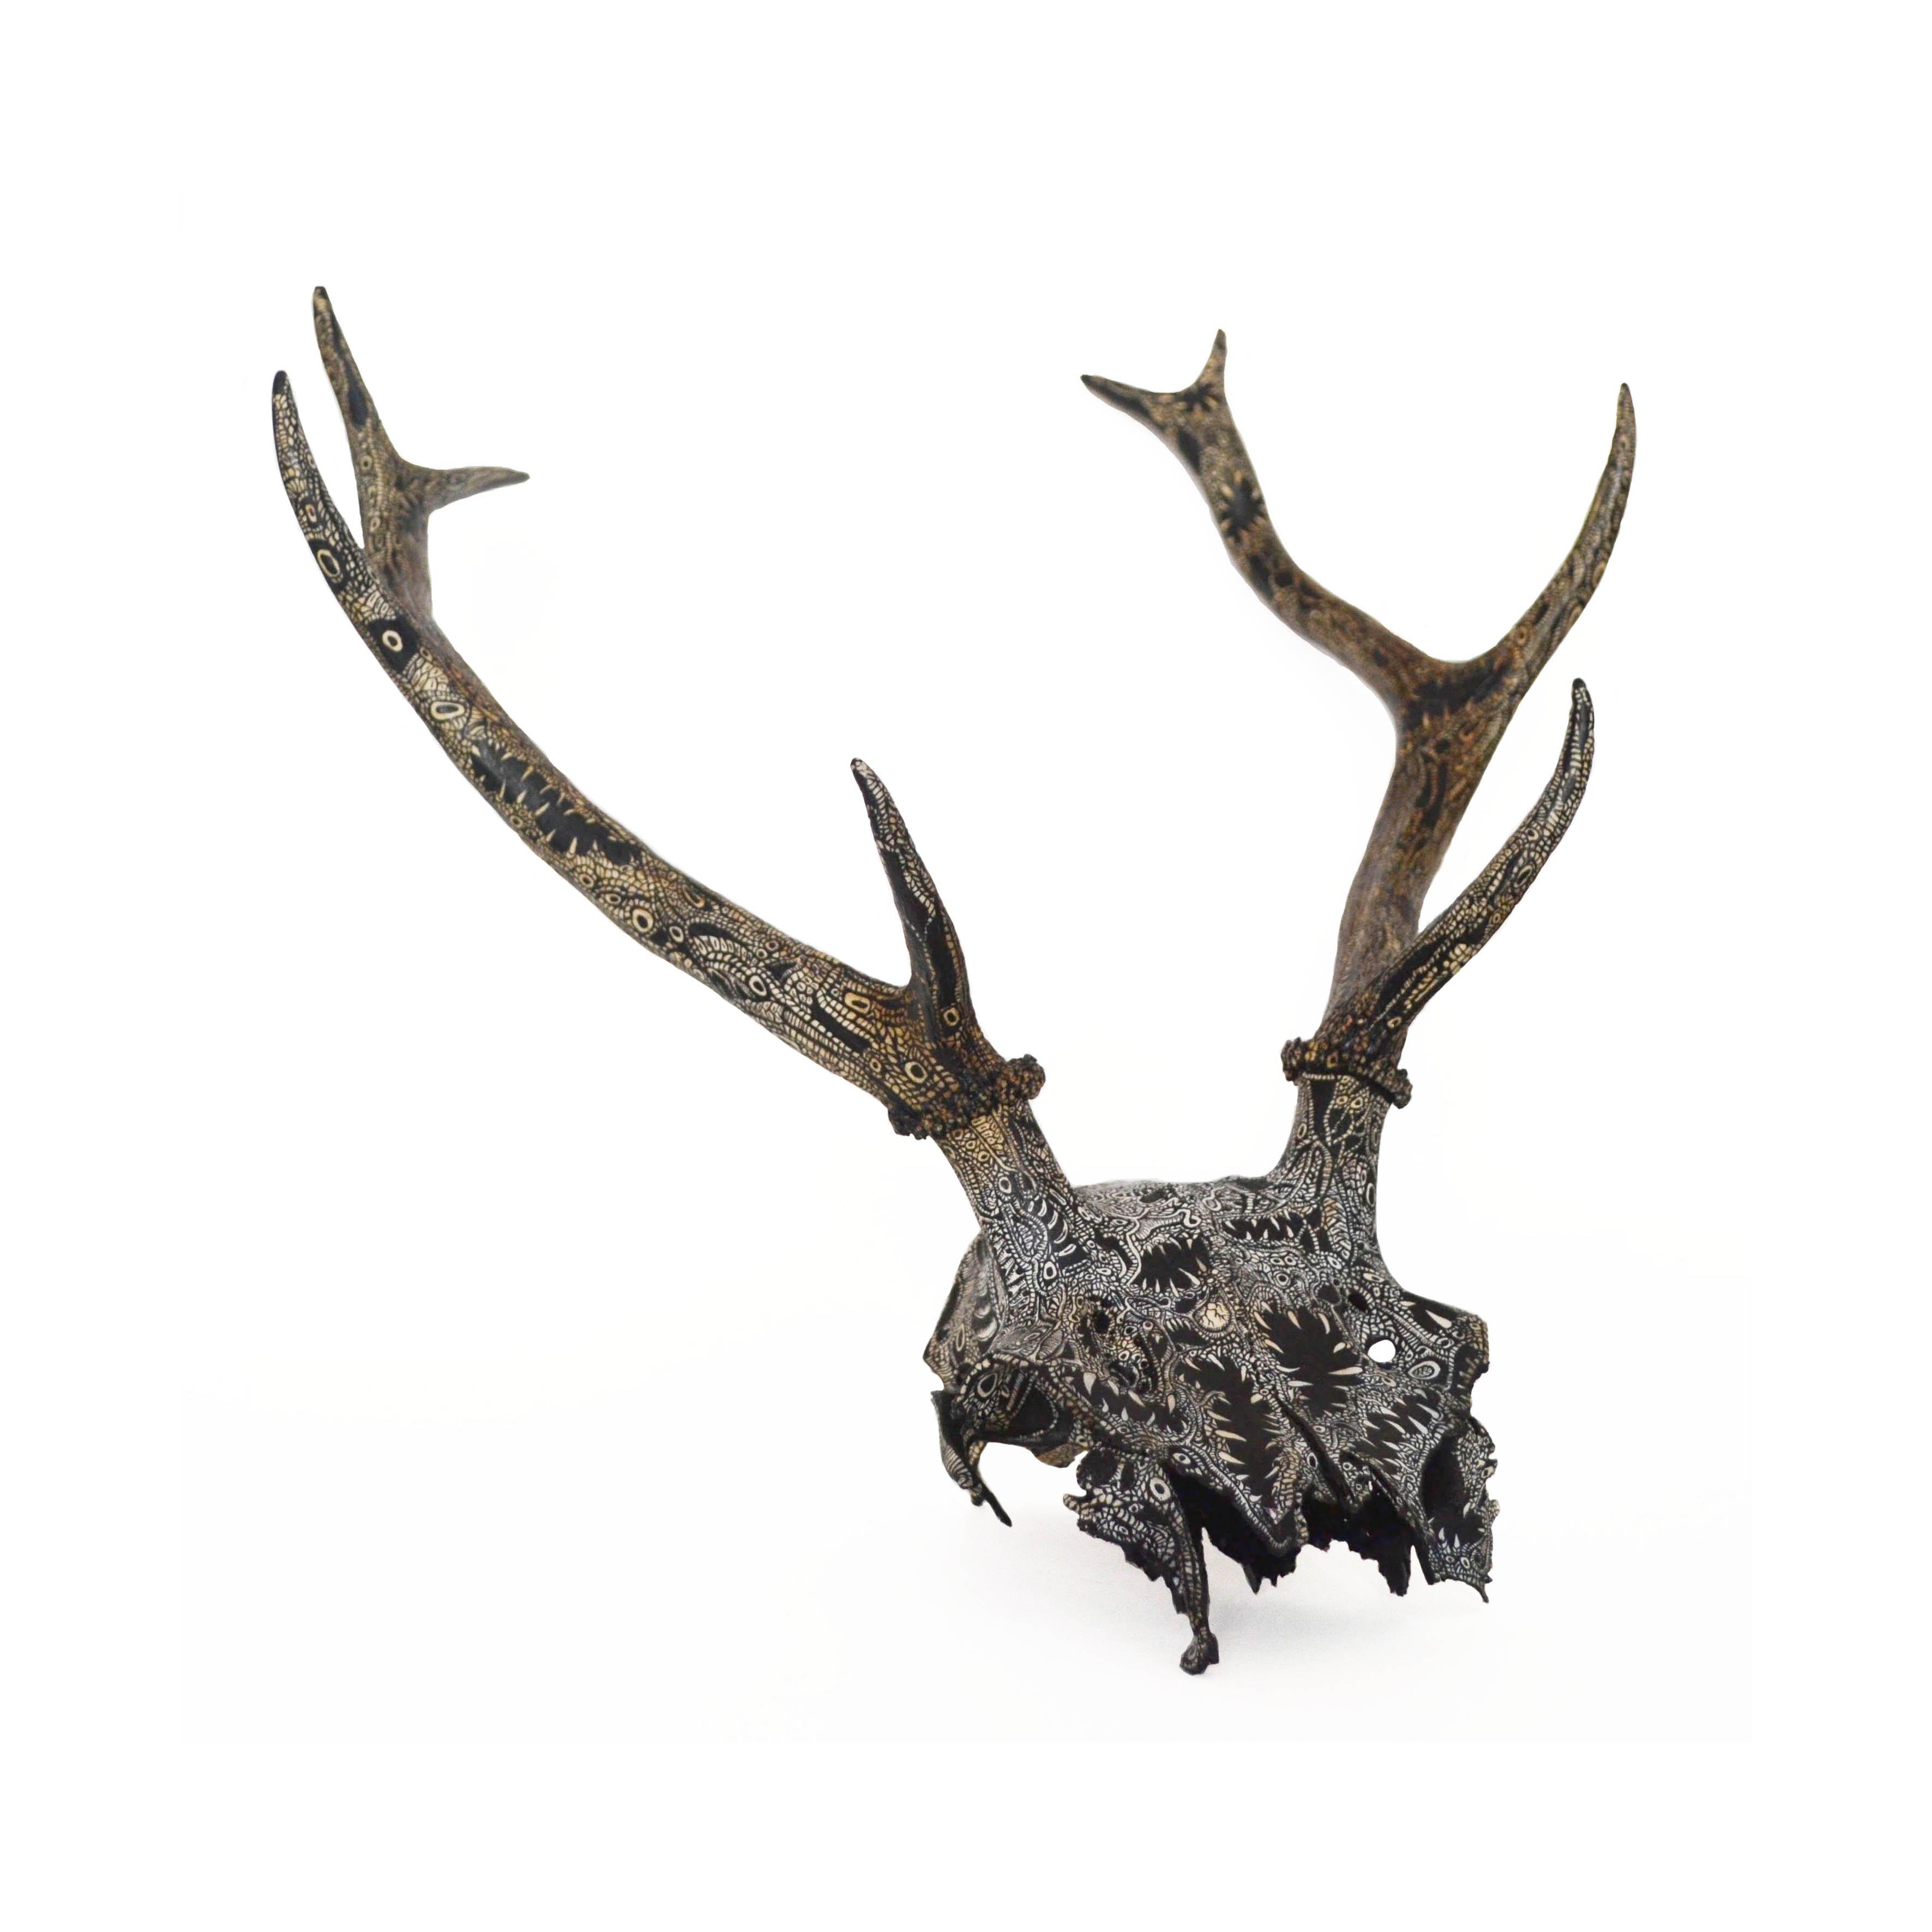 Cervus Elaphus (European Deer)